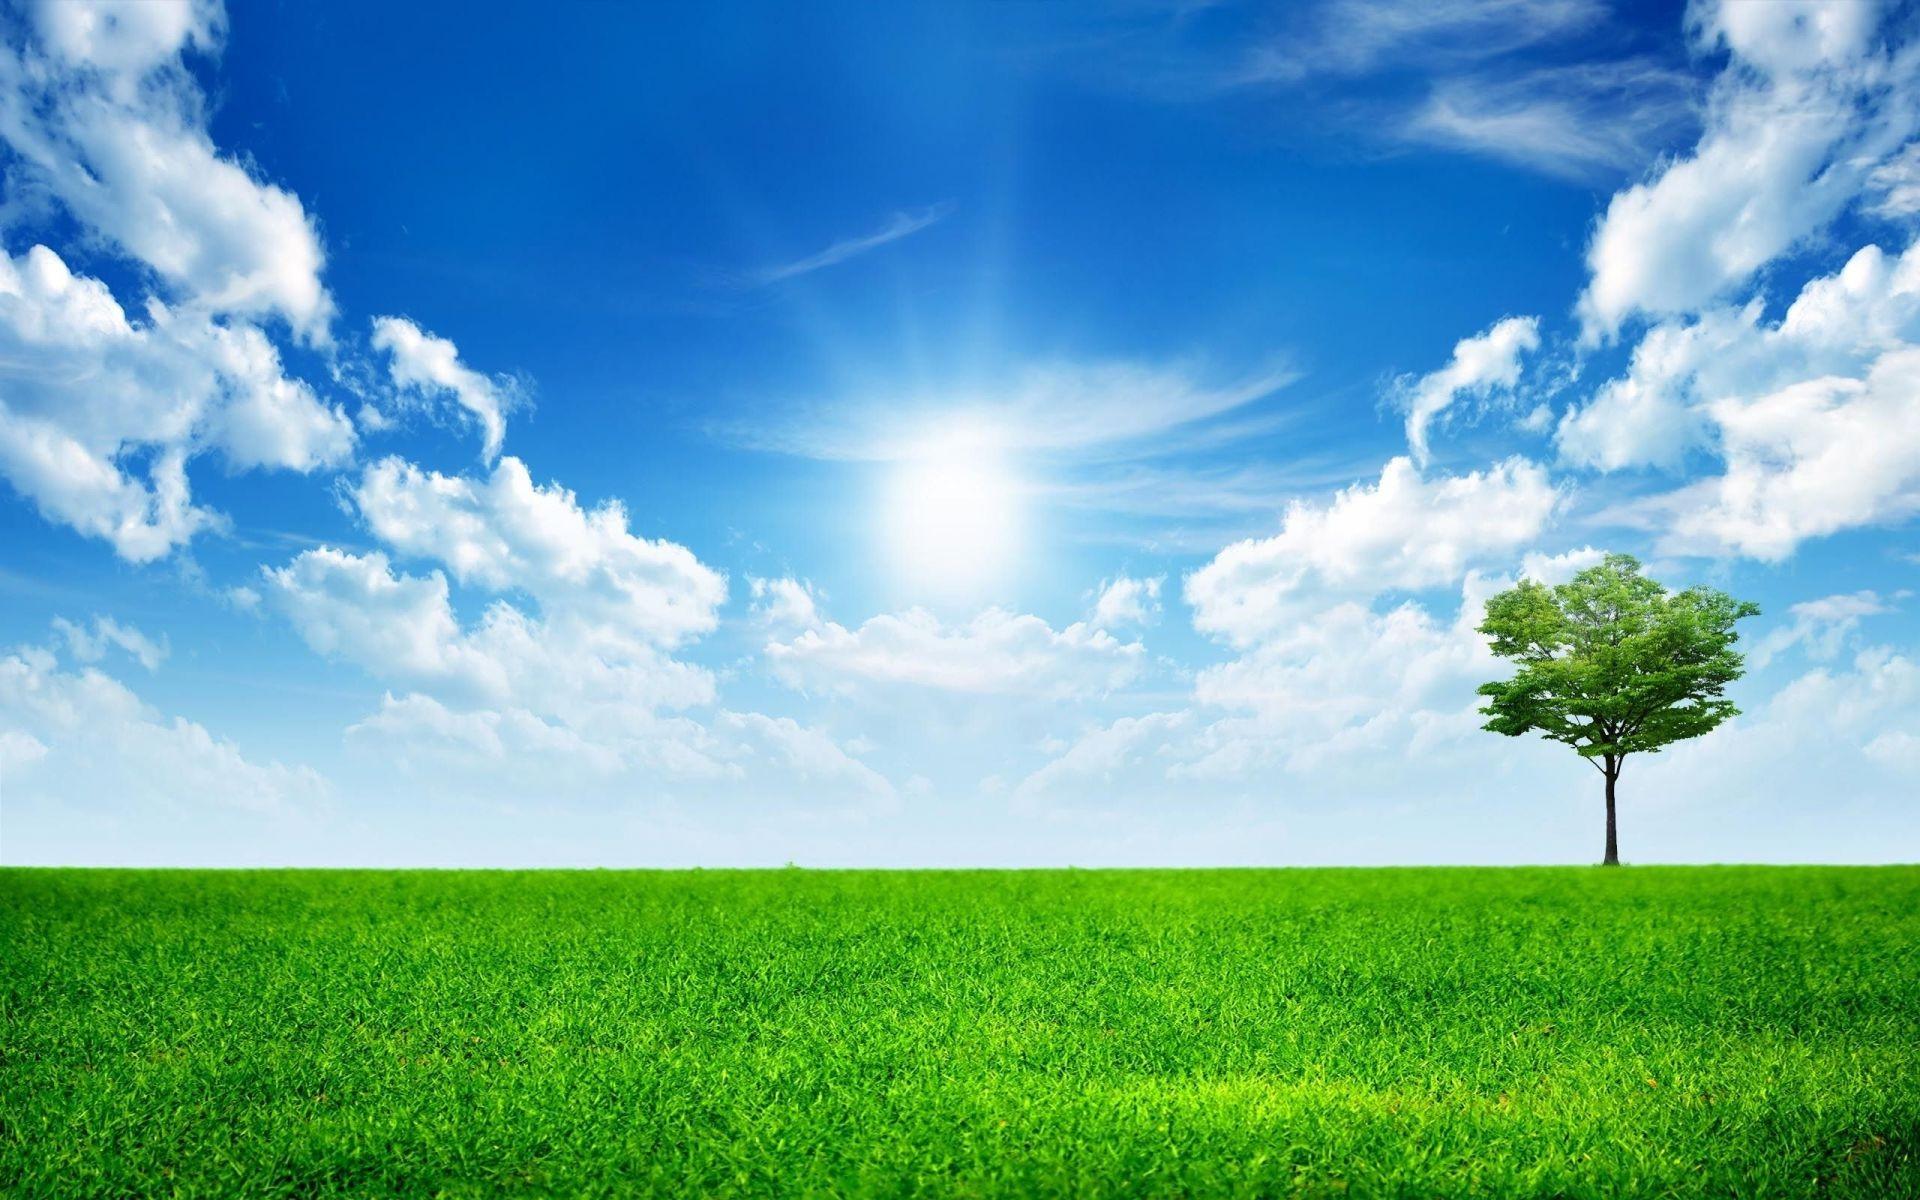 Landscapes Grass Field Sun Rural Hayfield Fair Weather - Green Nature , HD Wallpaper & Backgrounds